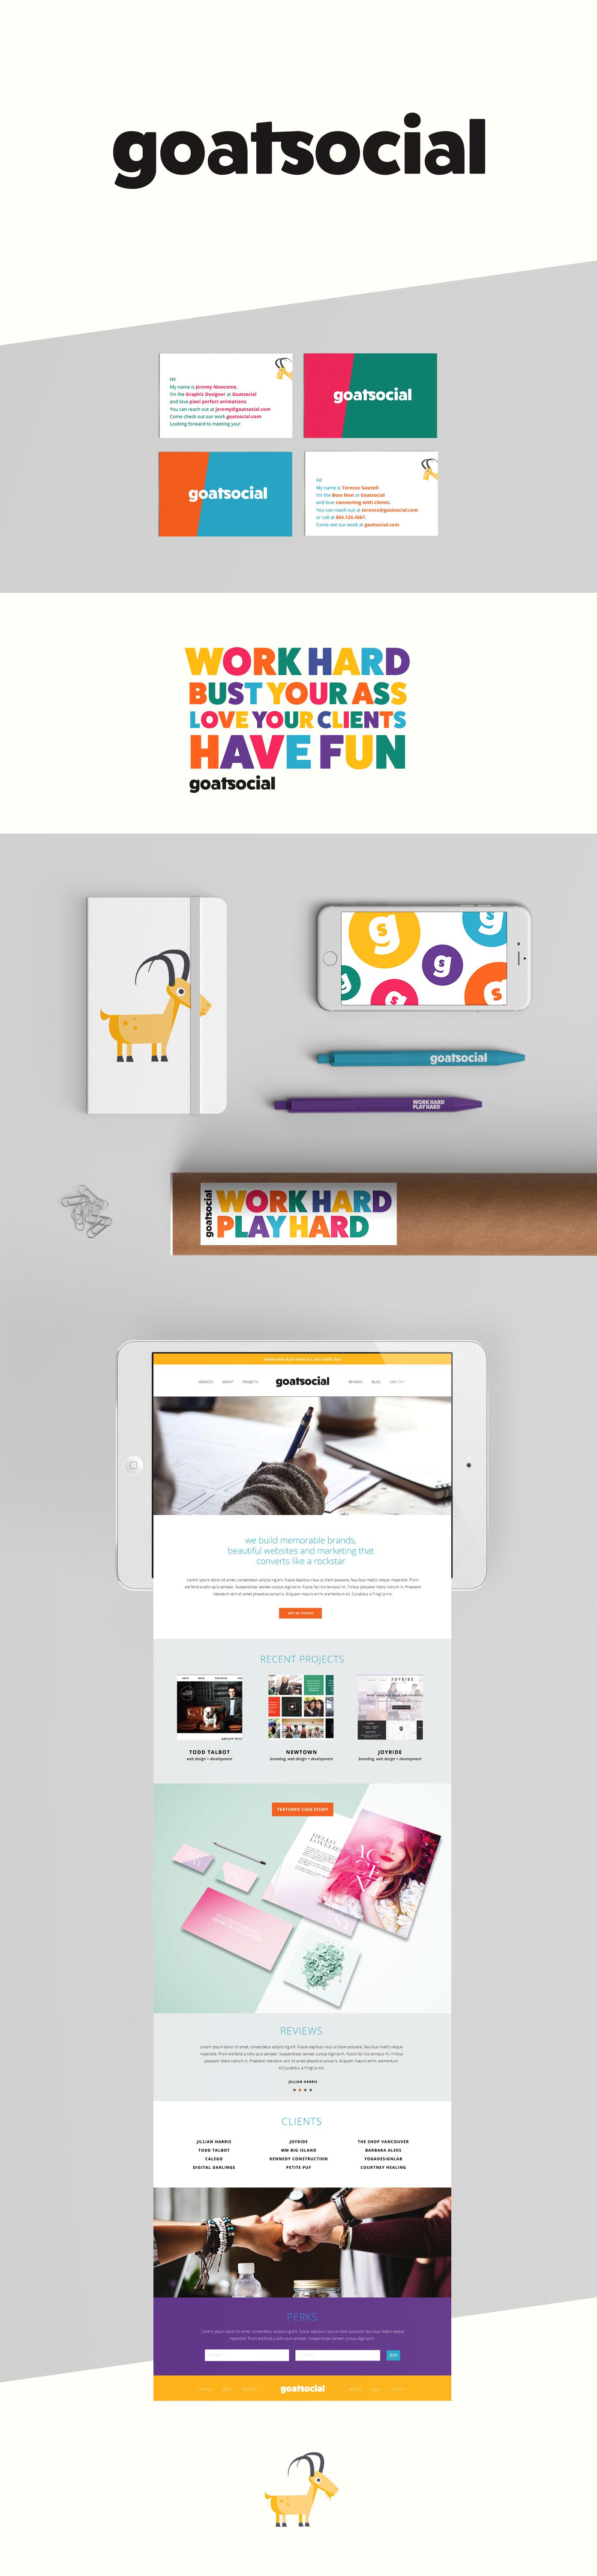 Goatsocial Web Agency Branding | www.alicia-carvalho.com